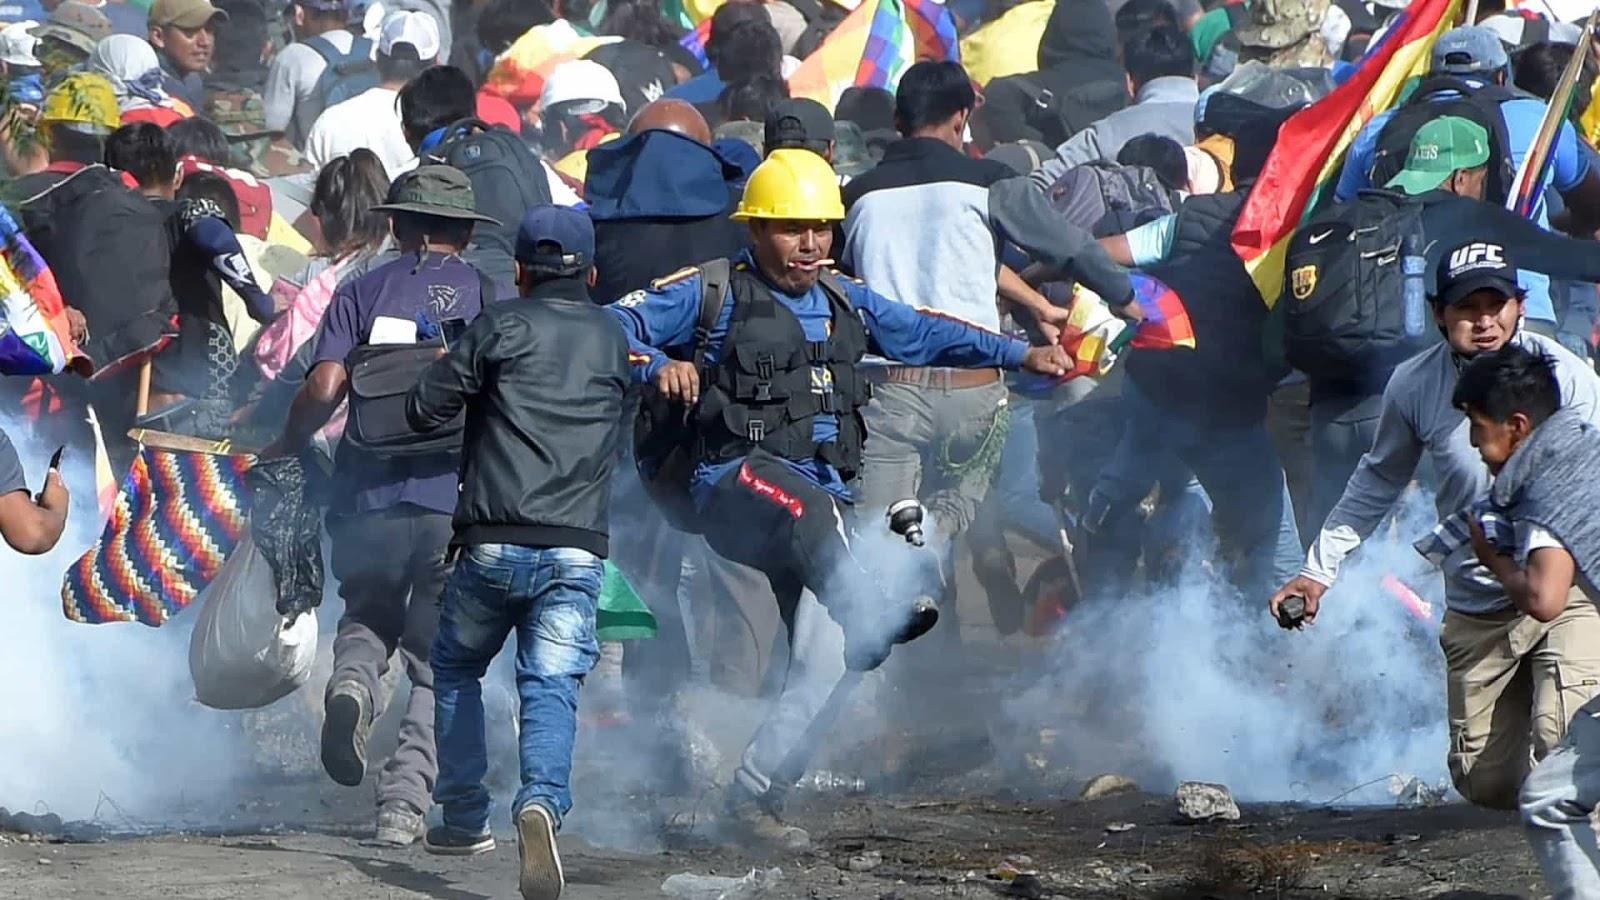 Na Bolívia, a forte reação popular contra a queda de Evo Morales resultou em confronto com as forças que apoiaram o golpe